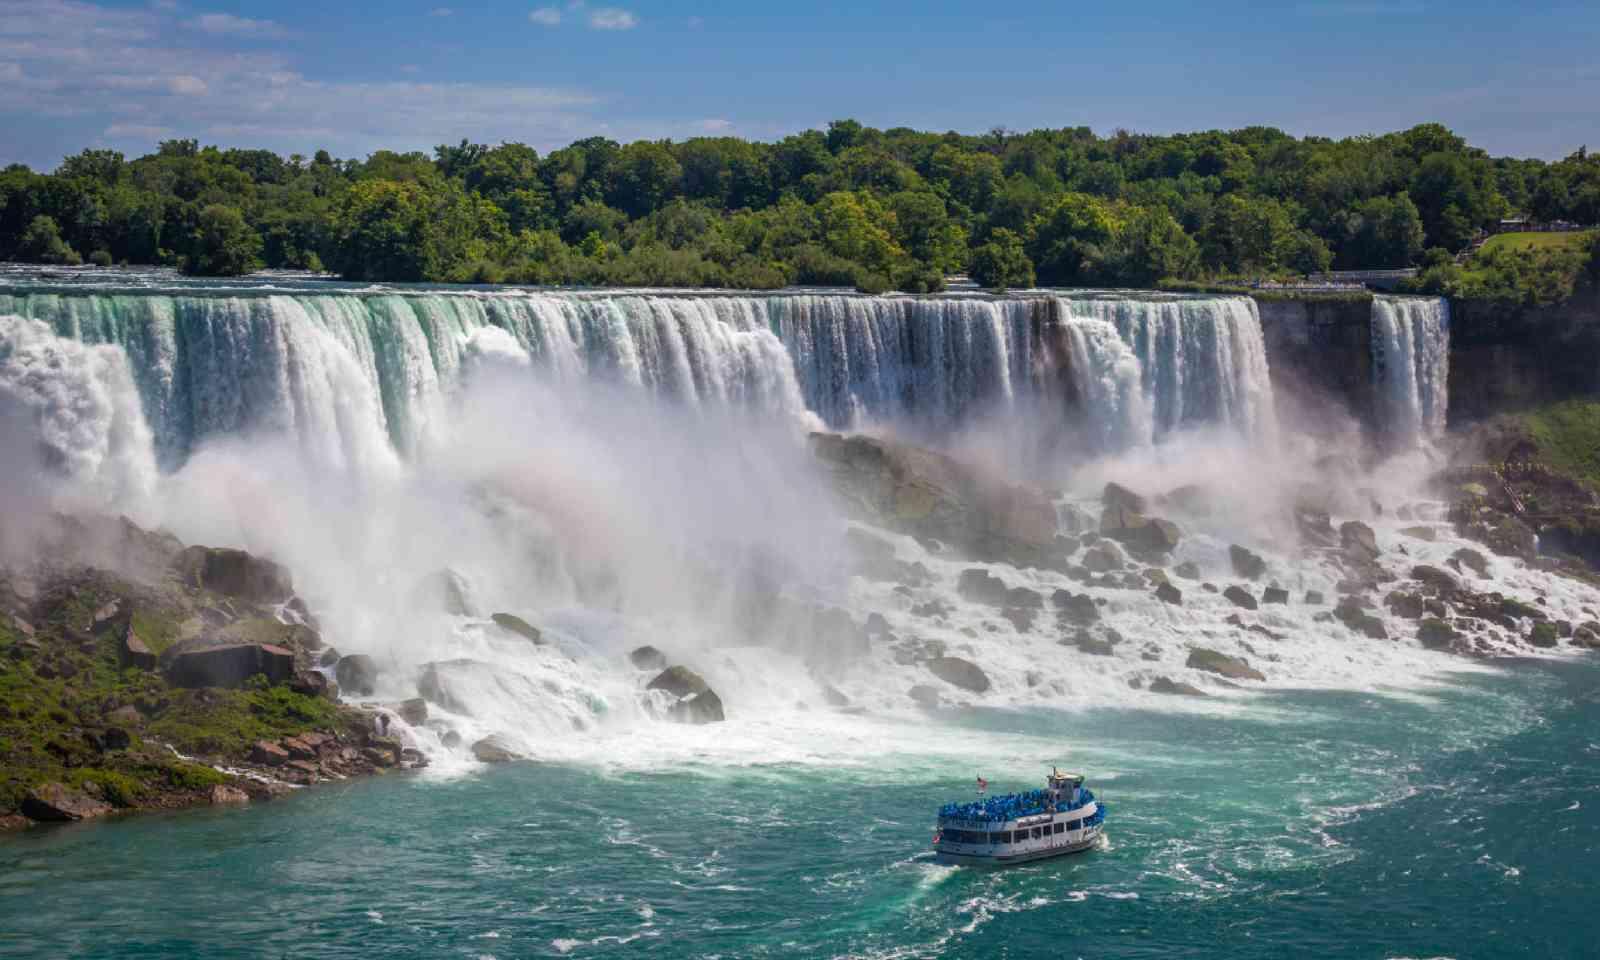 Niagara Falls (Shutterstock)